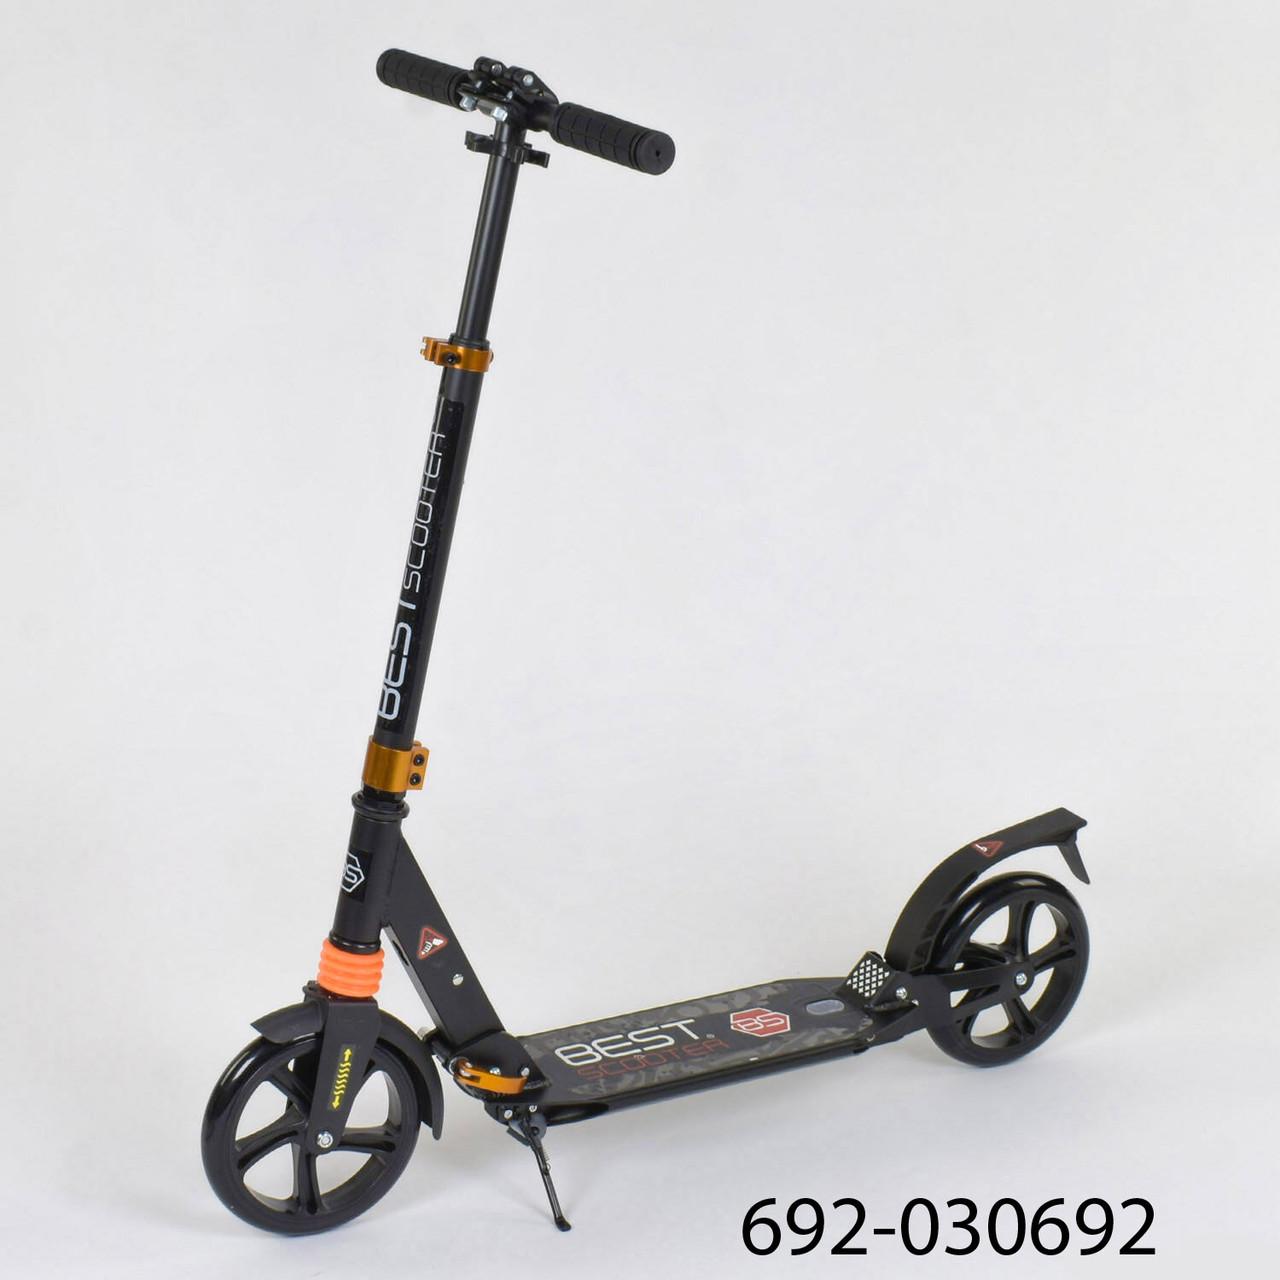 Алюмінієвий Самокат 030692 Best Scooter